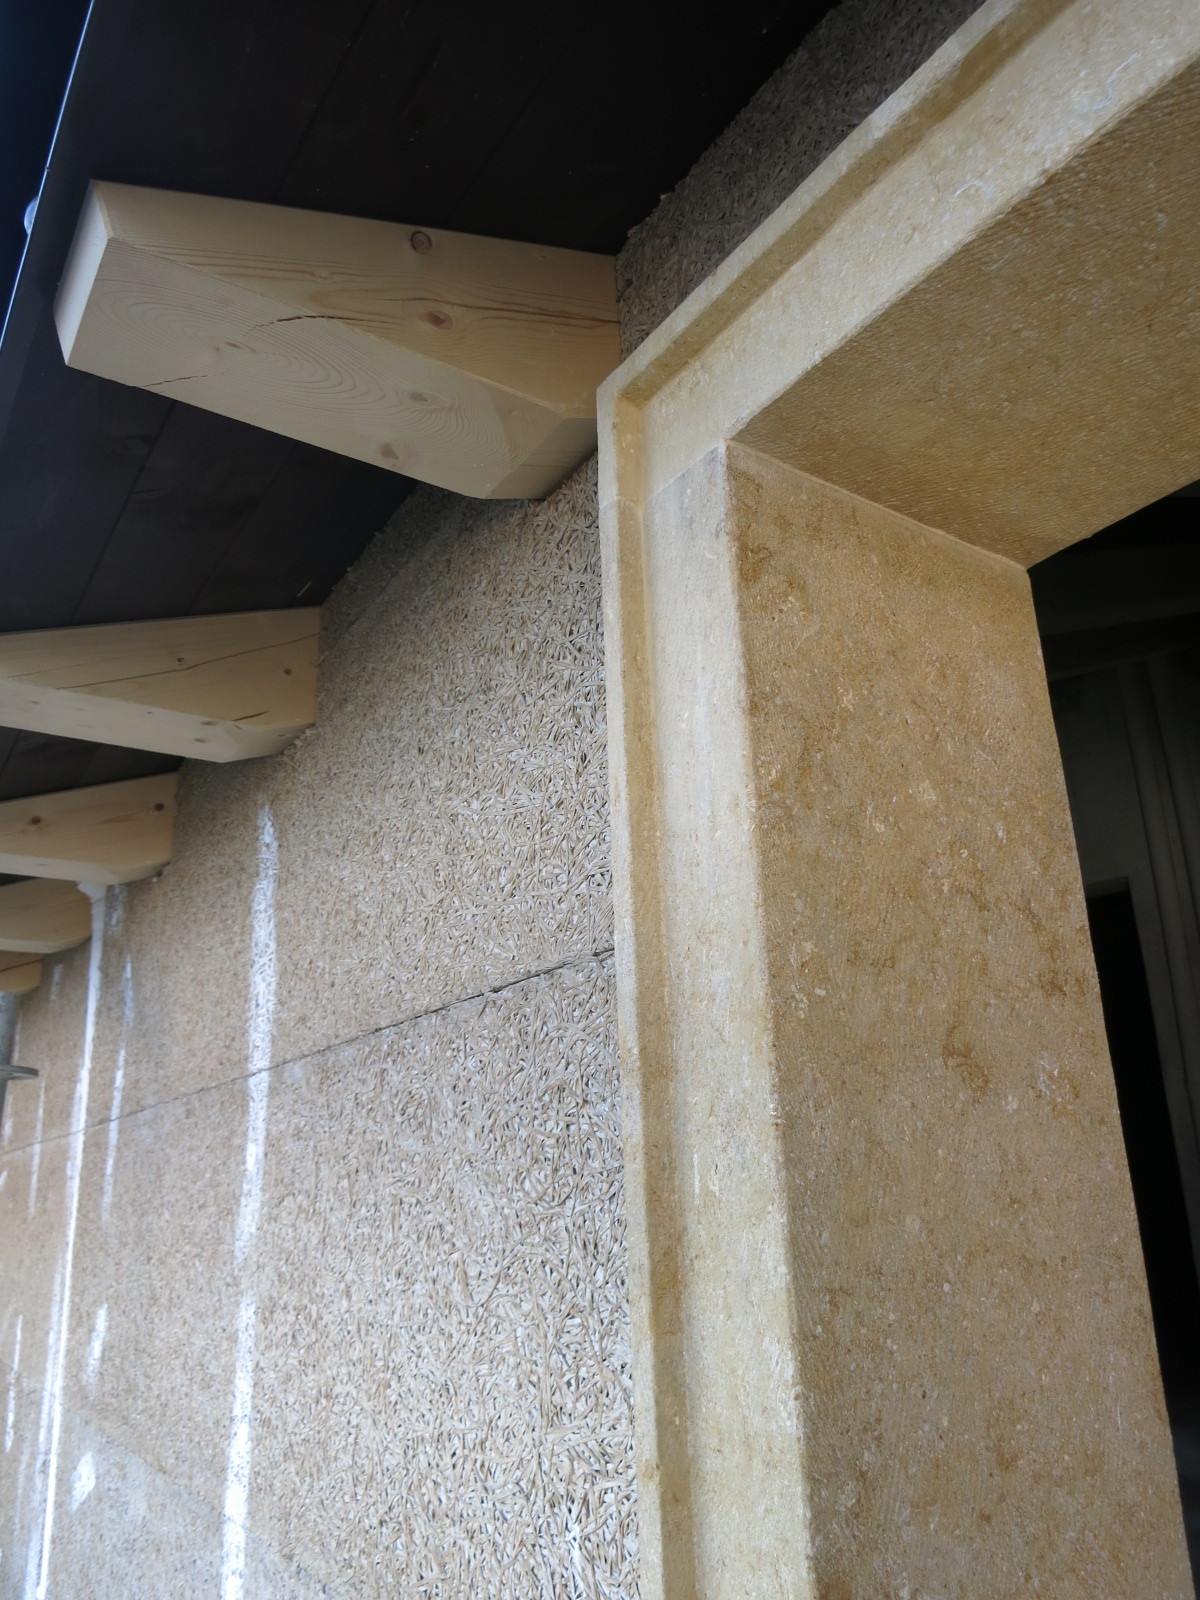 Porzione di muro in NaturalBeton di calce e canapa con cornice in tufo